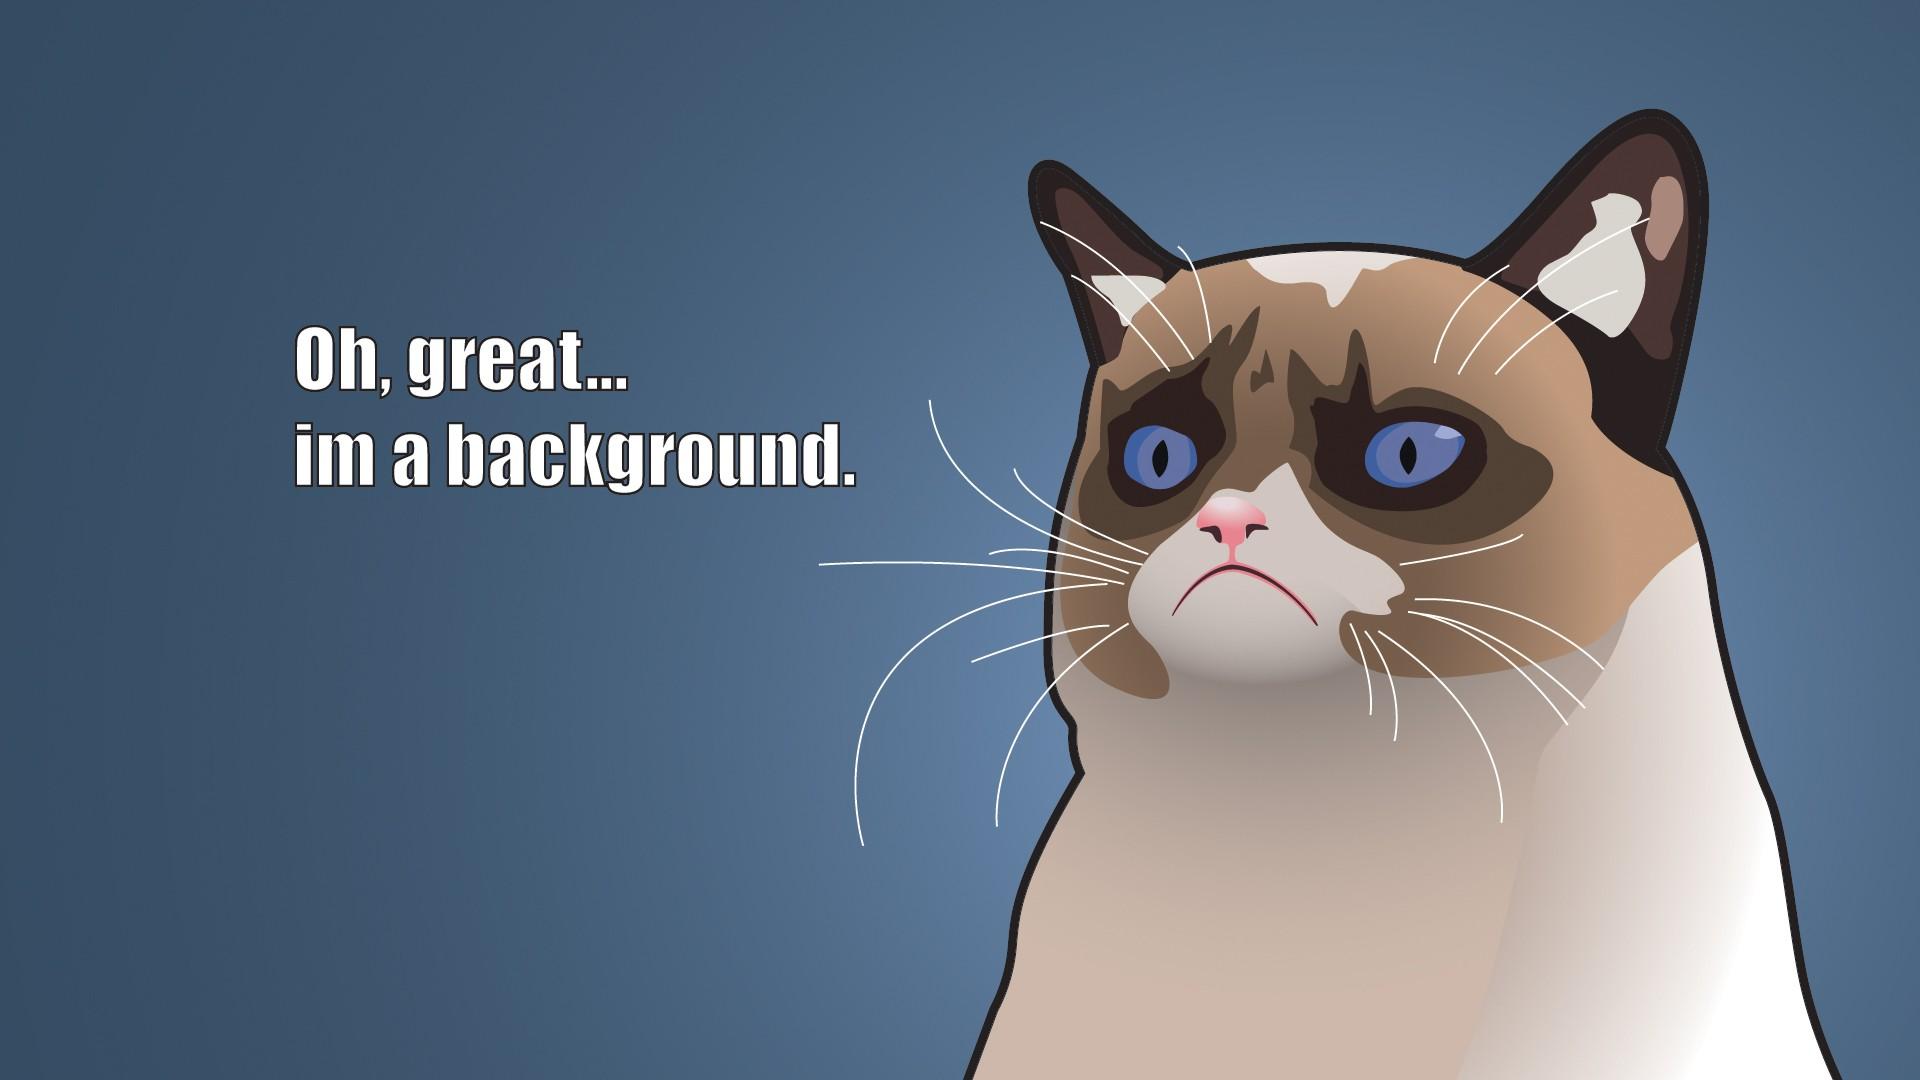 Pics funny cats of